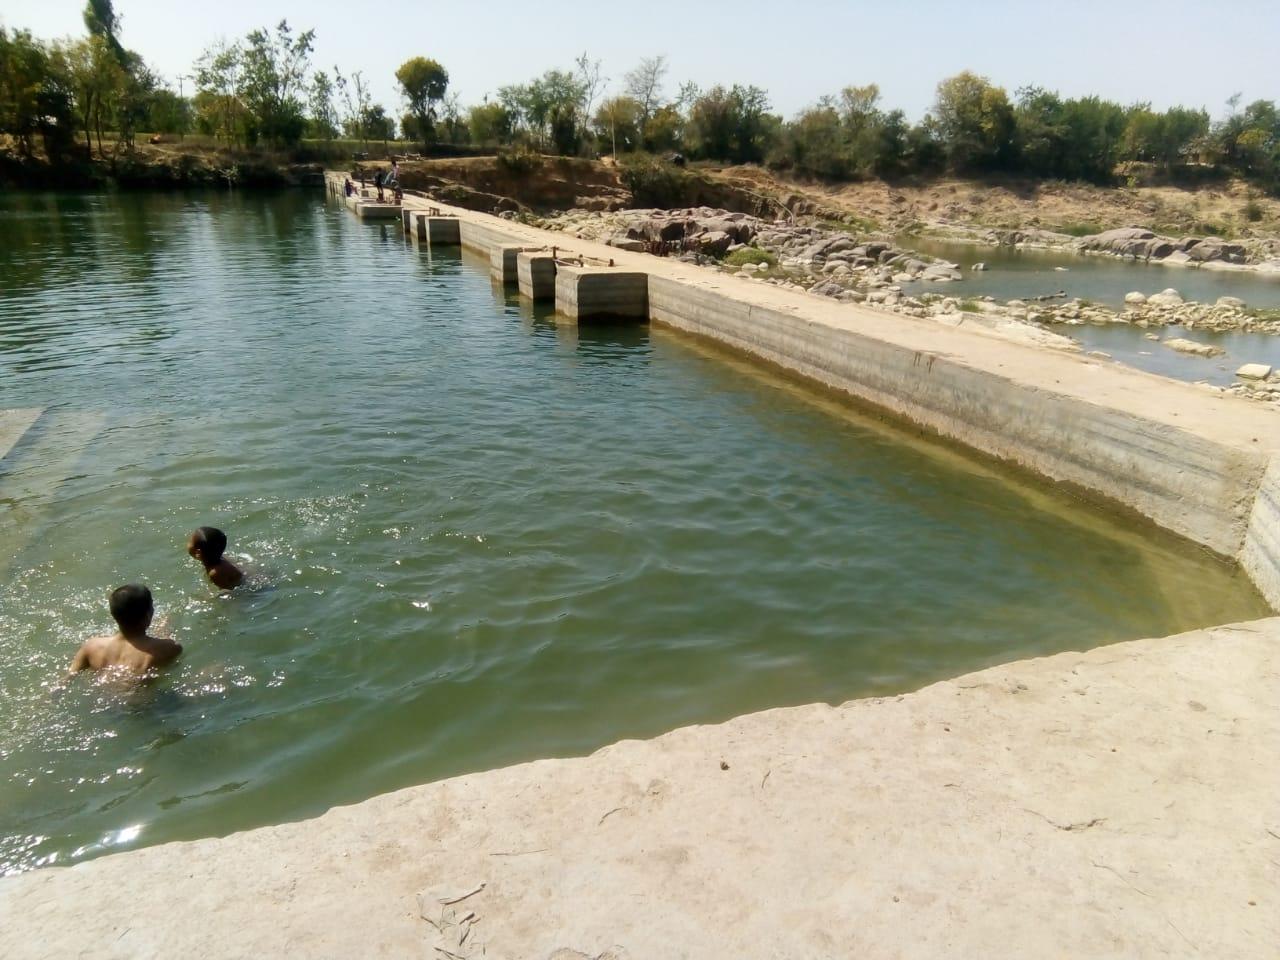 जामनी नदी की टूटी पानी की धार, पेयजल को नहीं सहेजा गया तो होना पड़ेगा परेशान